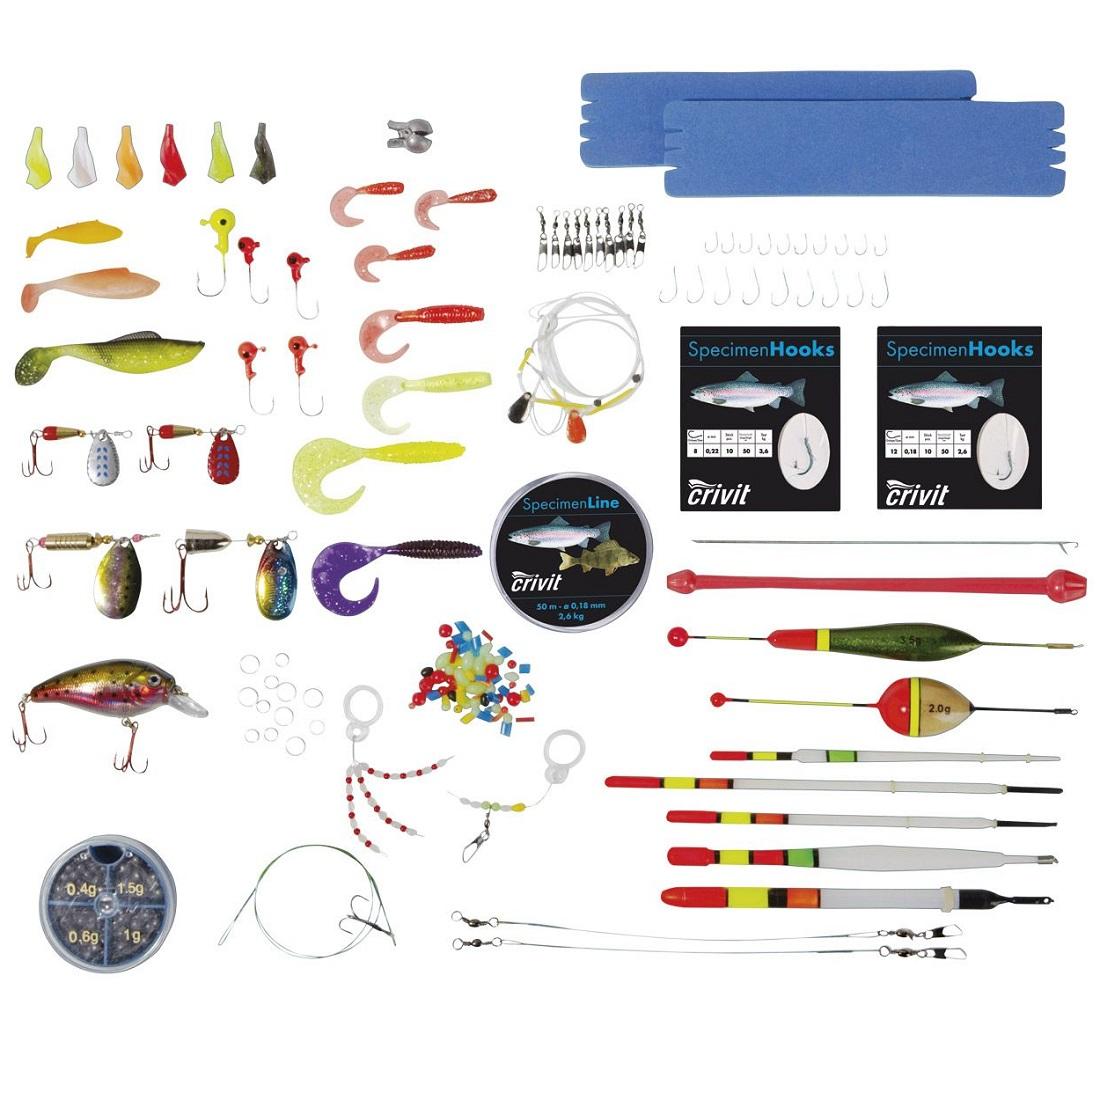 Crivit Angelzubehörbox Raubfisch-Sortiment mit Box Forelle und Barsch - 144 Teile